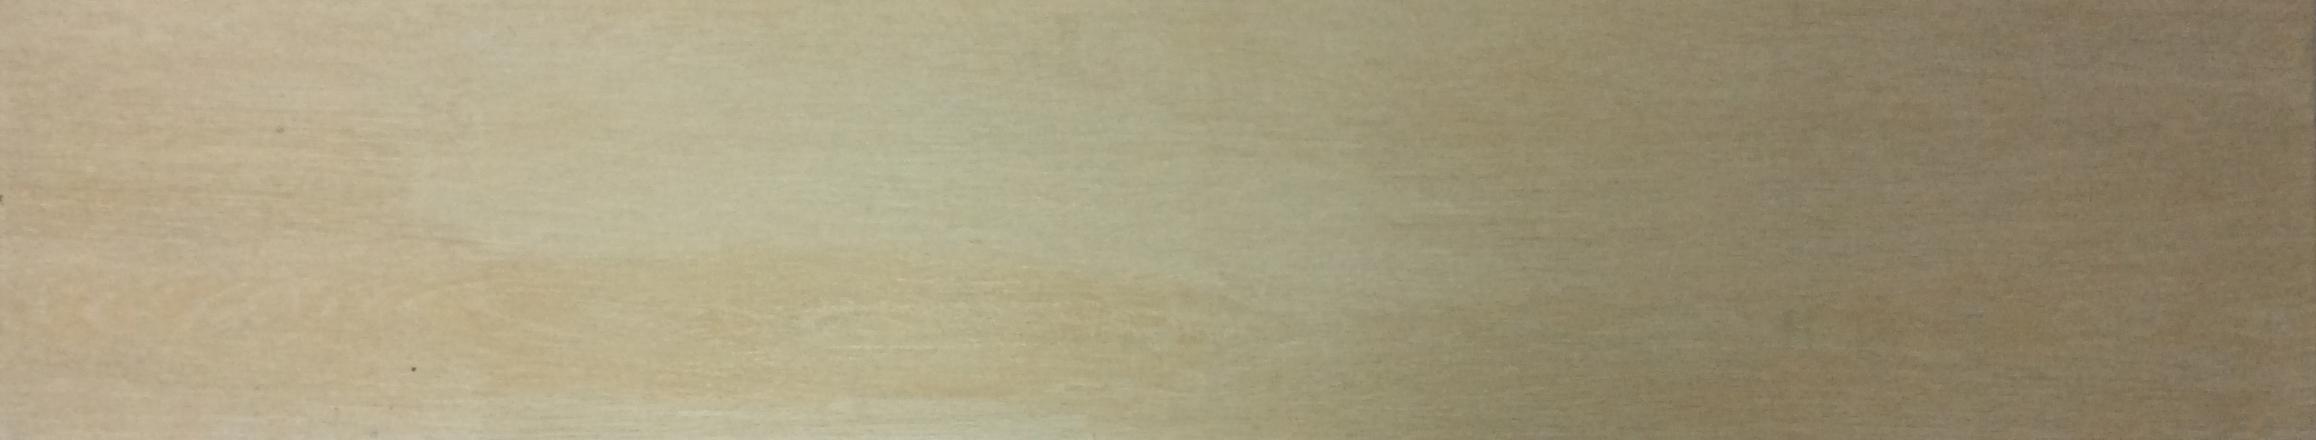 กระเบื้องลายไม้ 20x100 cm รุ่น VHD-08020